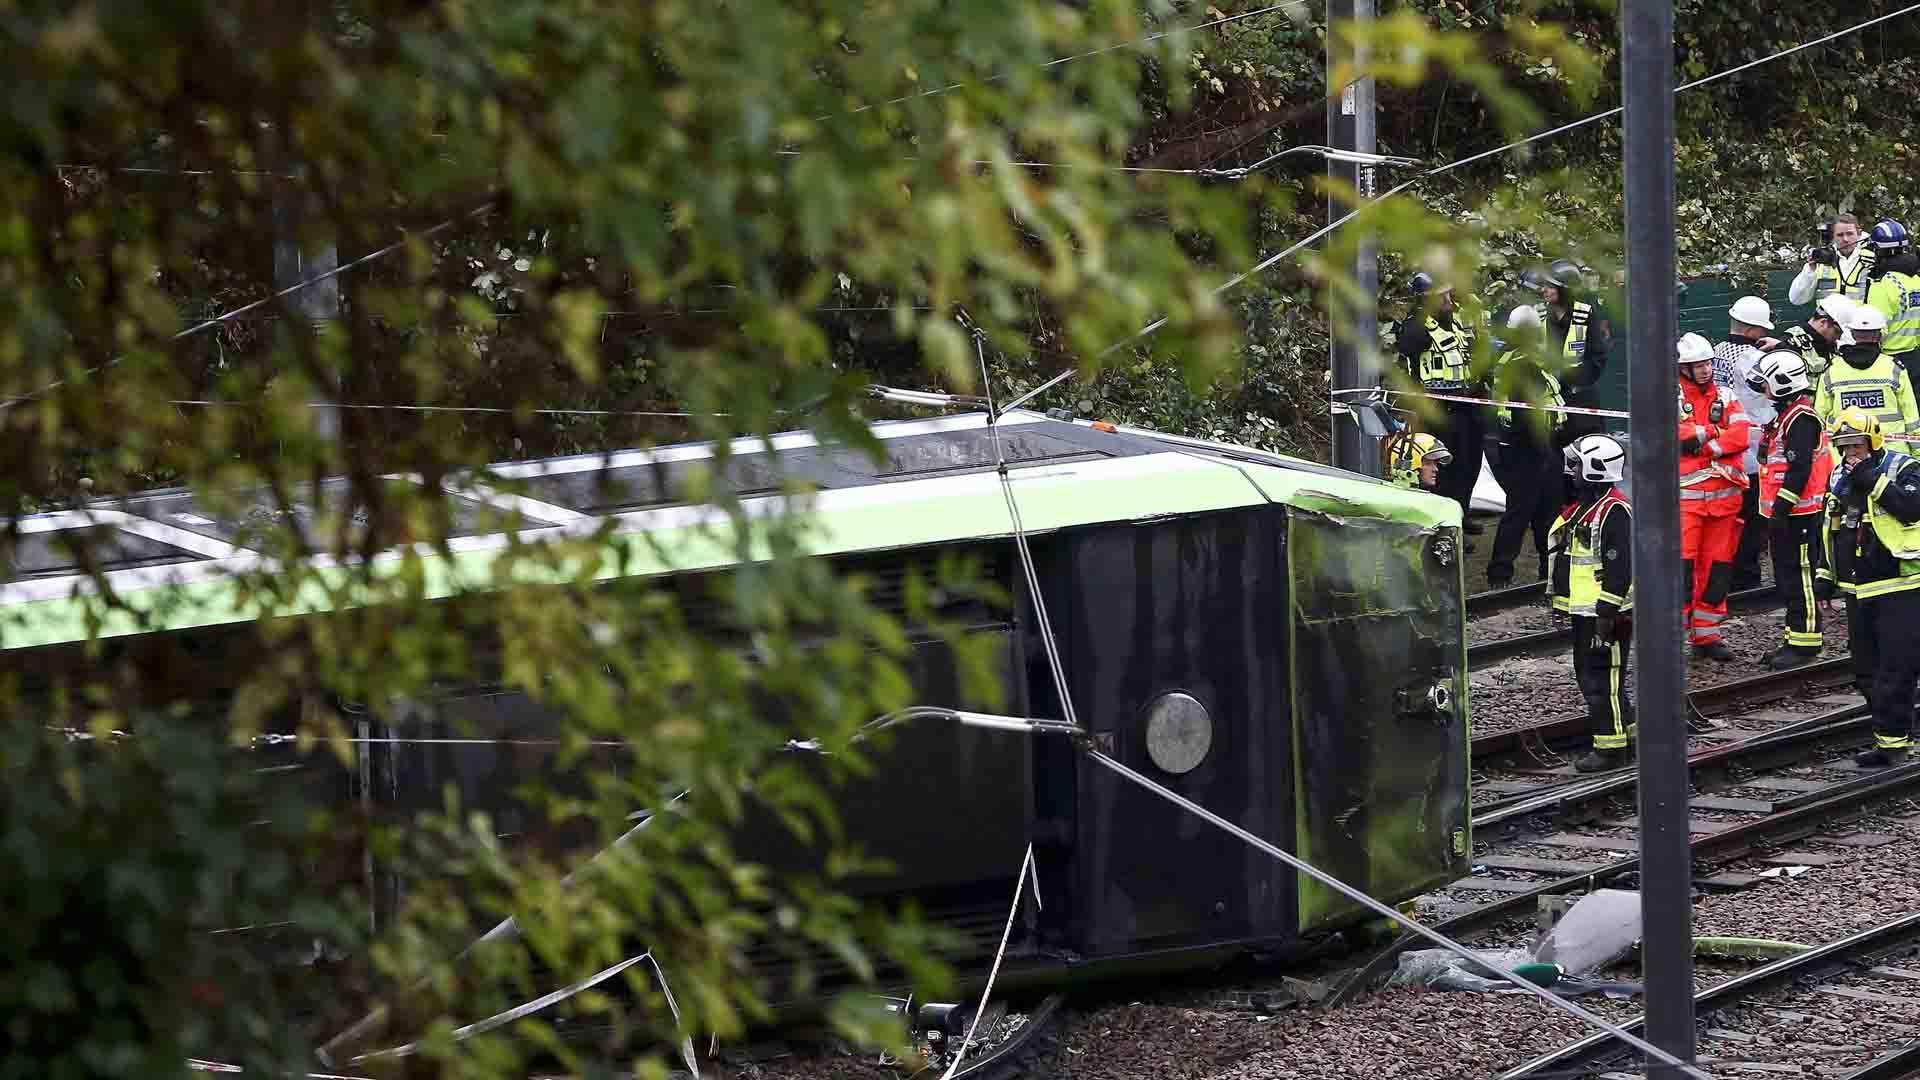 El hecho ocurrió en el barrio de Croydon, en el sur de Londres, donde se contabilizan hasta el momento unas 50 personas heridas